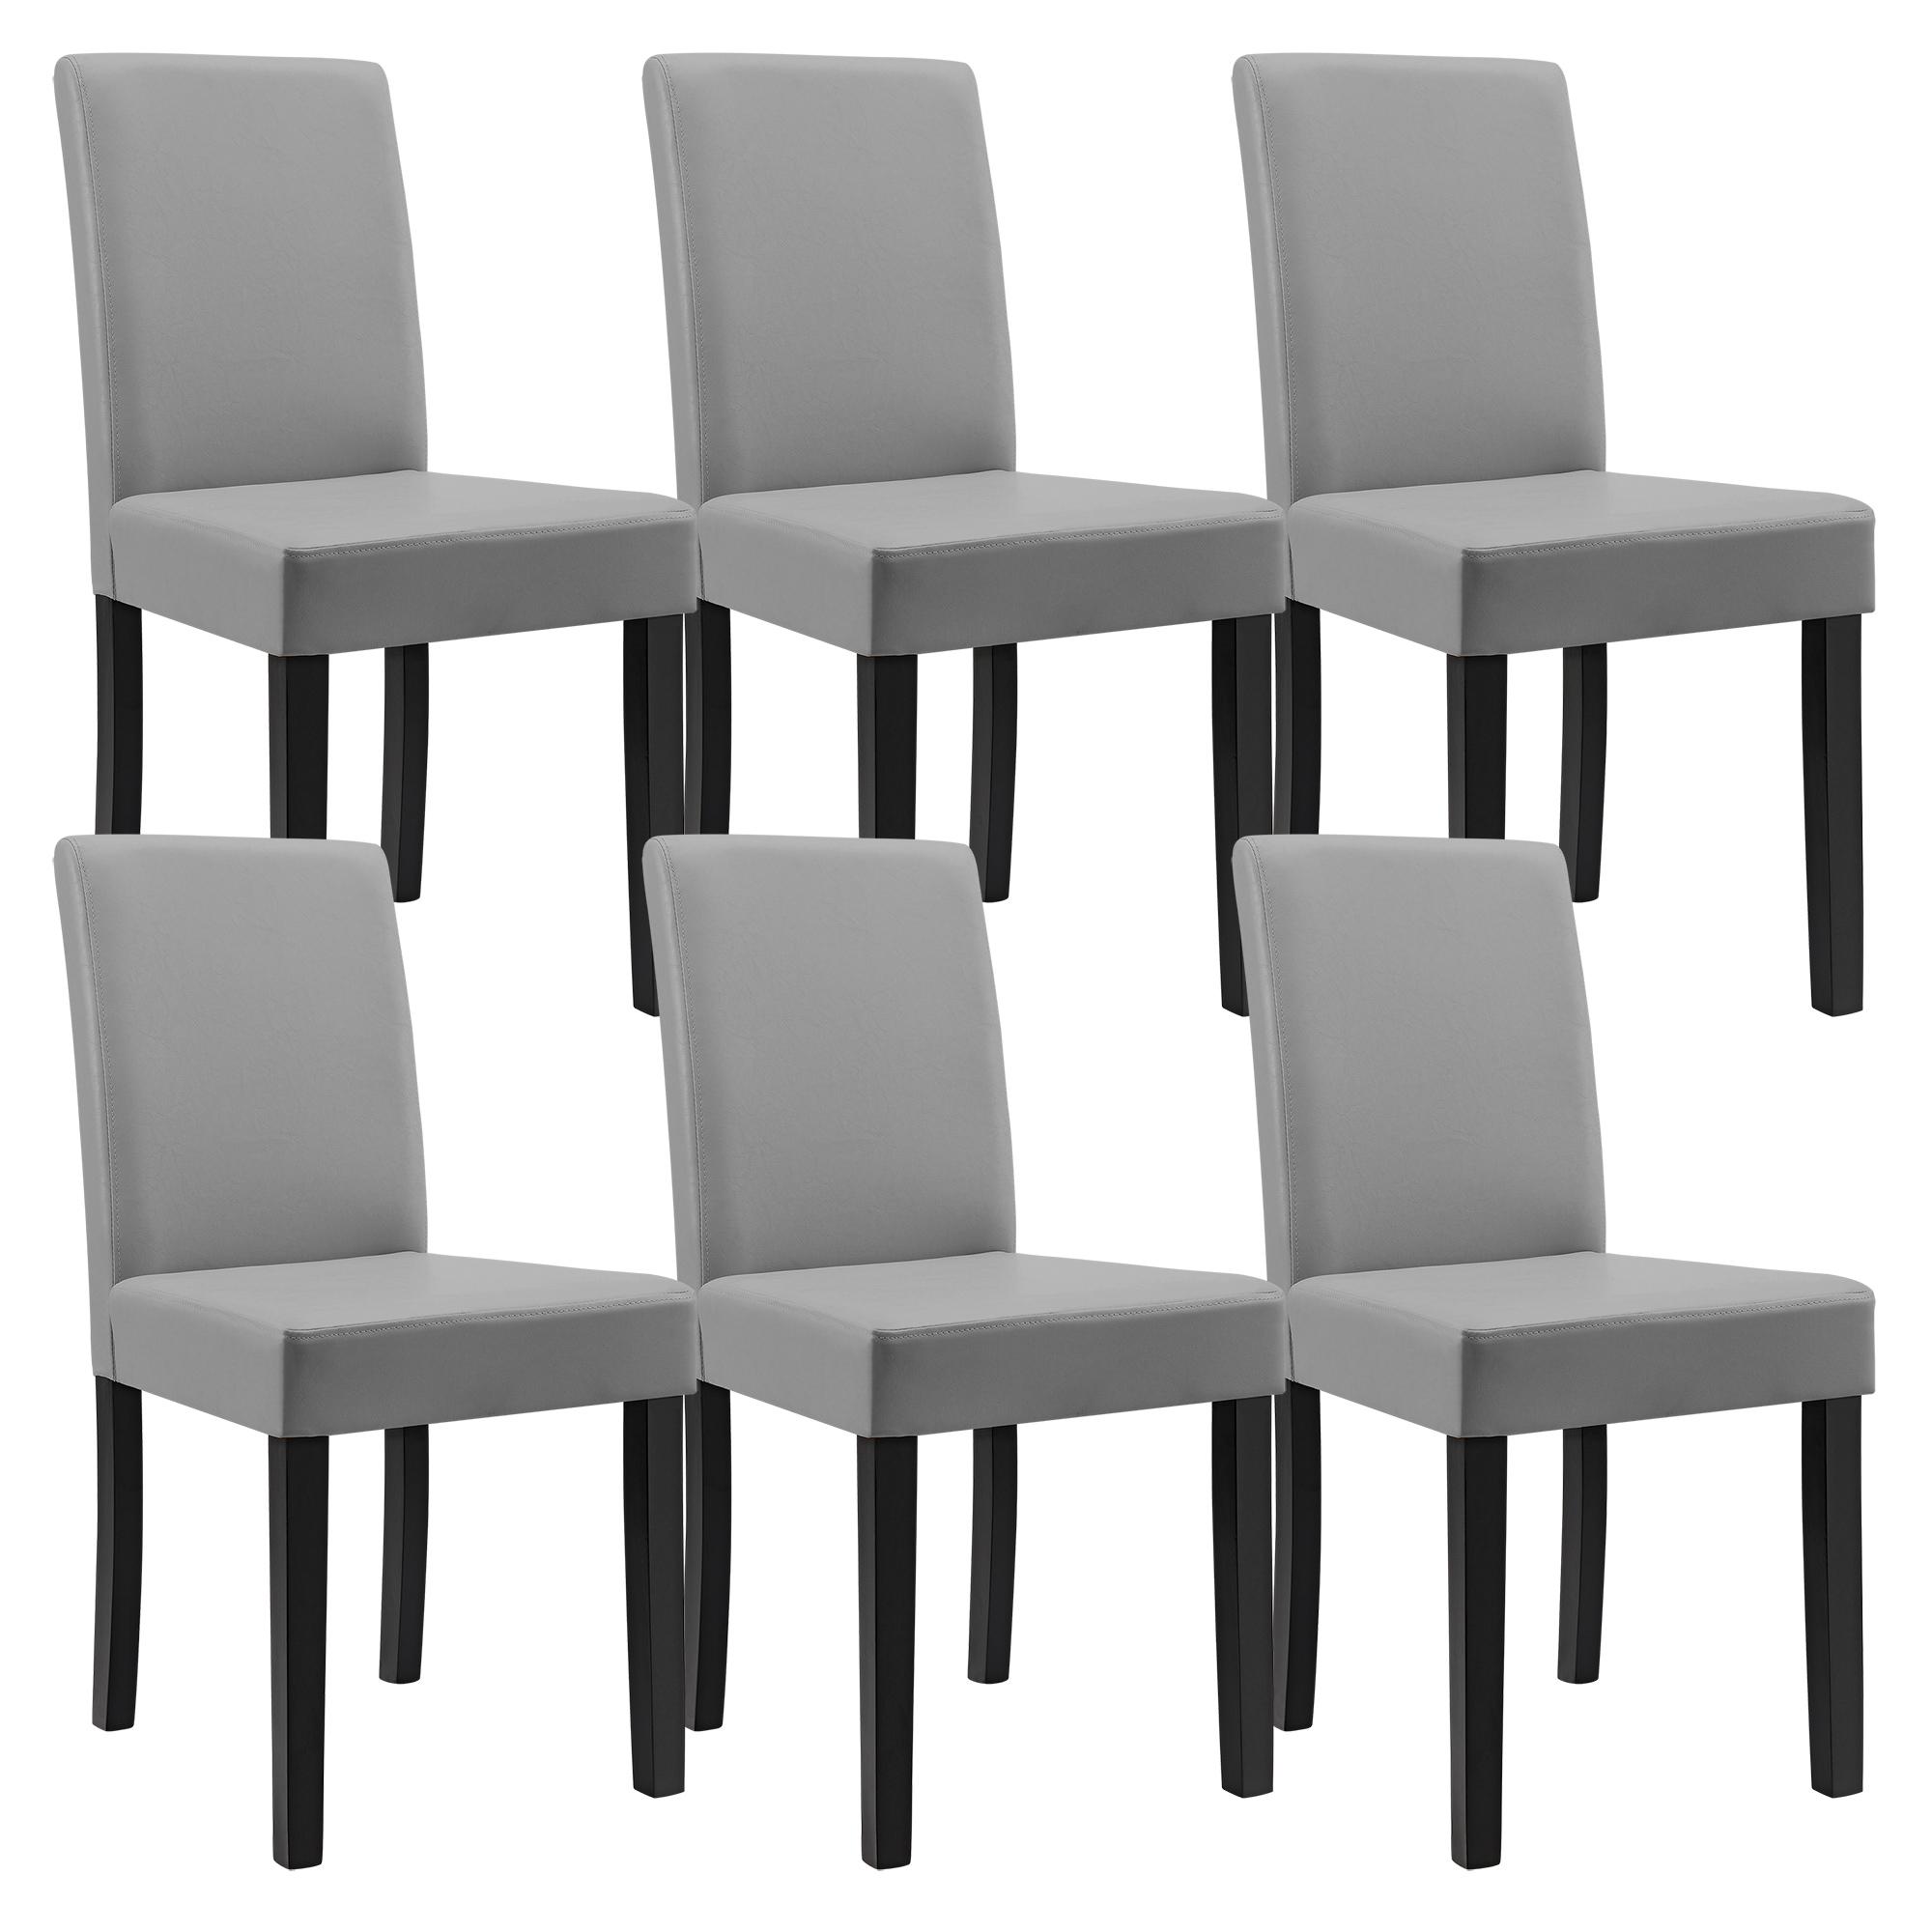 Table de salle manger ch ne blanc avec 6 chaises for Table de salle a manger avec 6 chaises